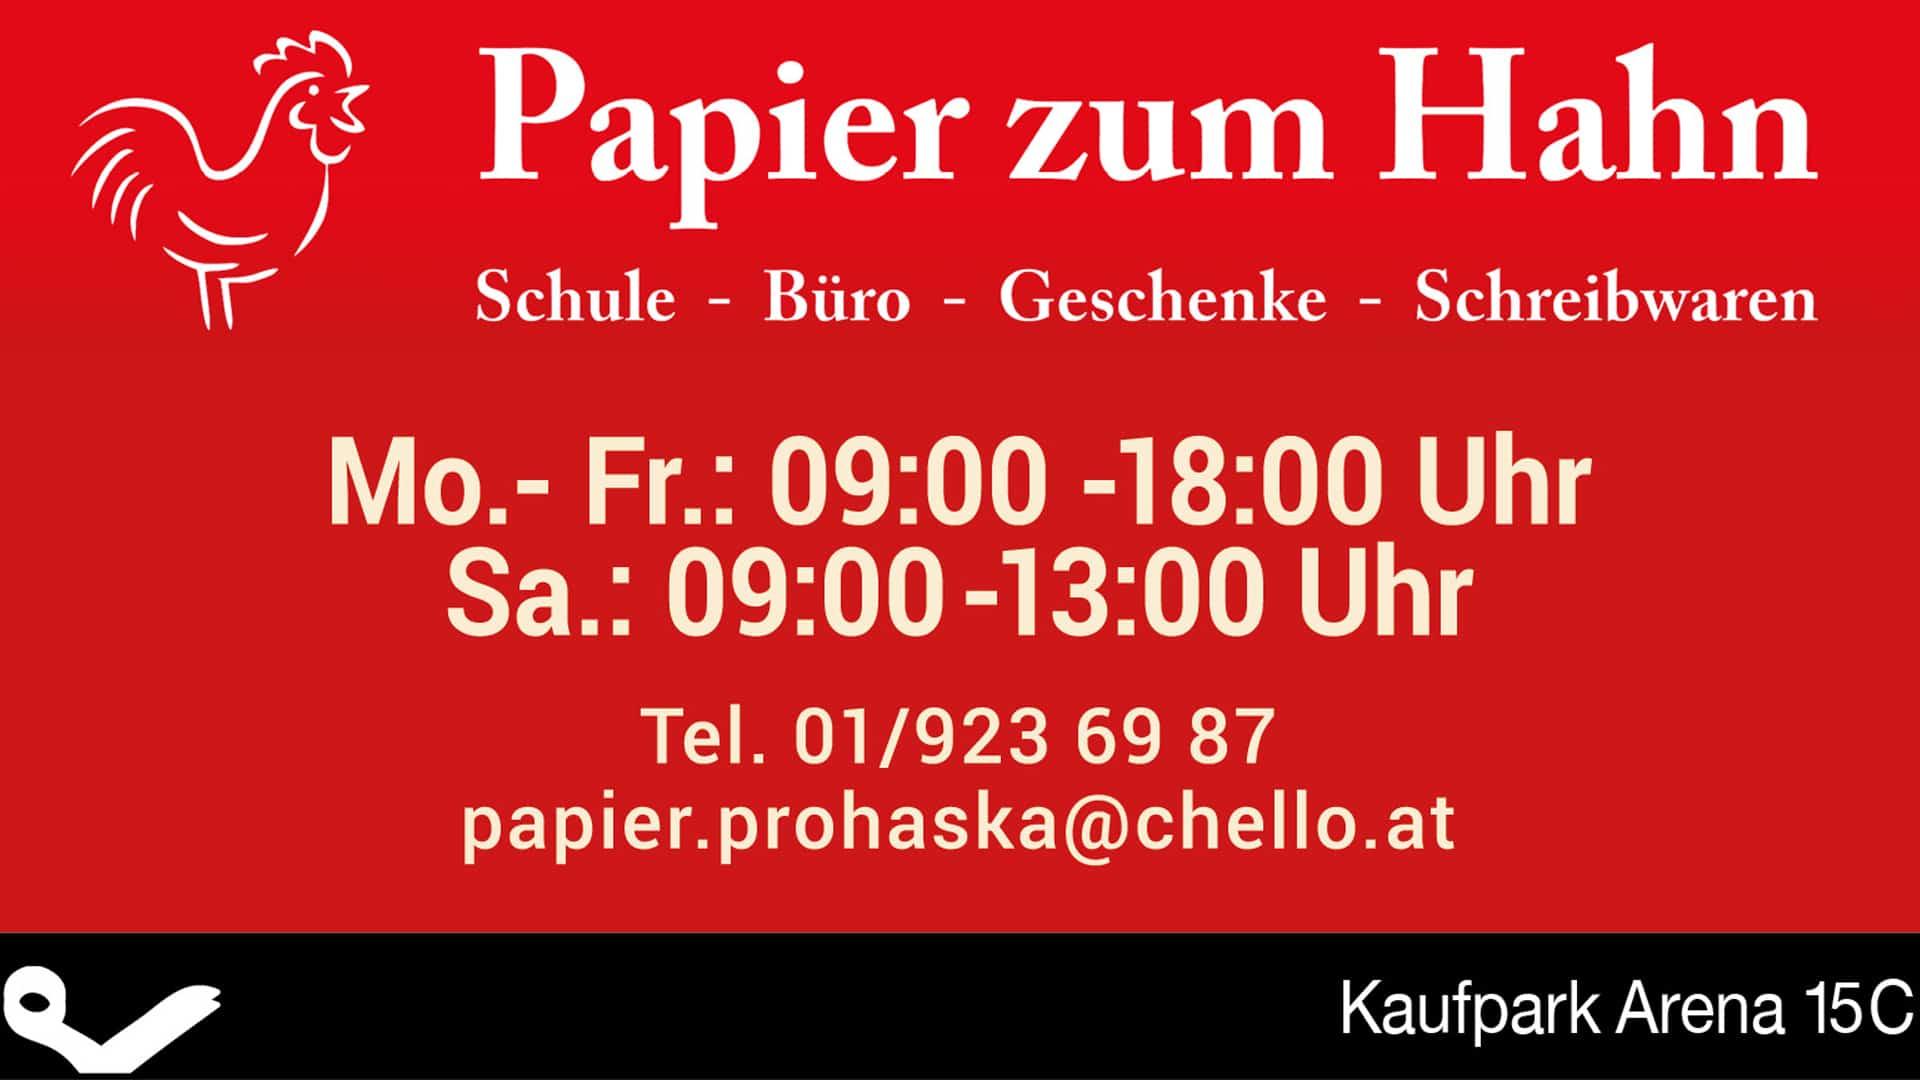 PapierhahnSept21